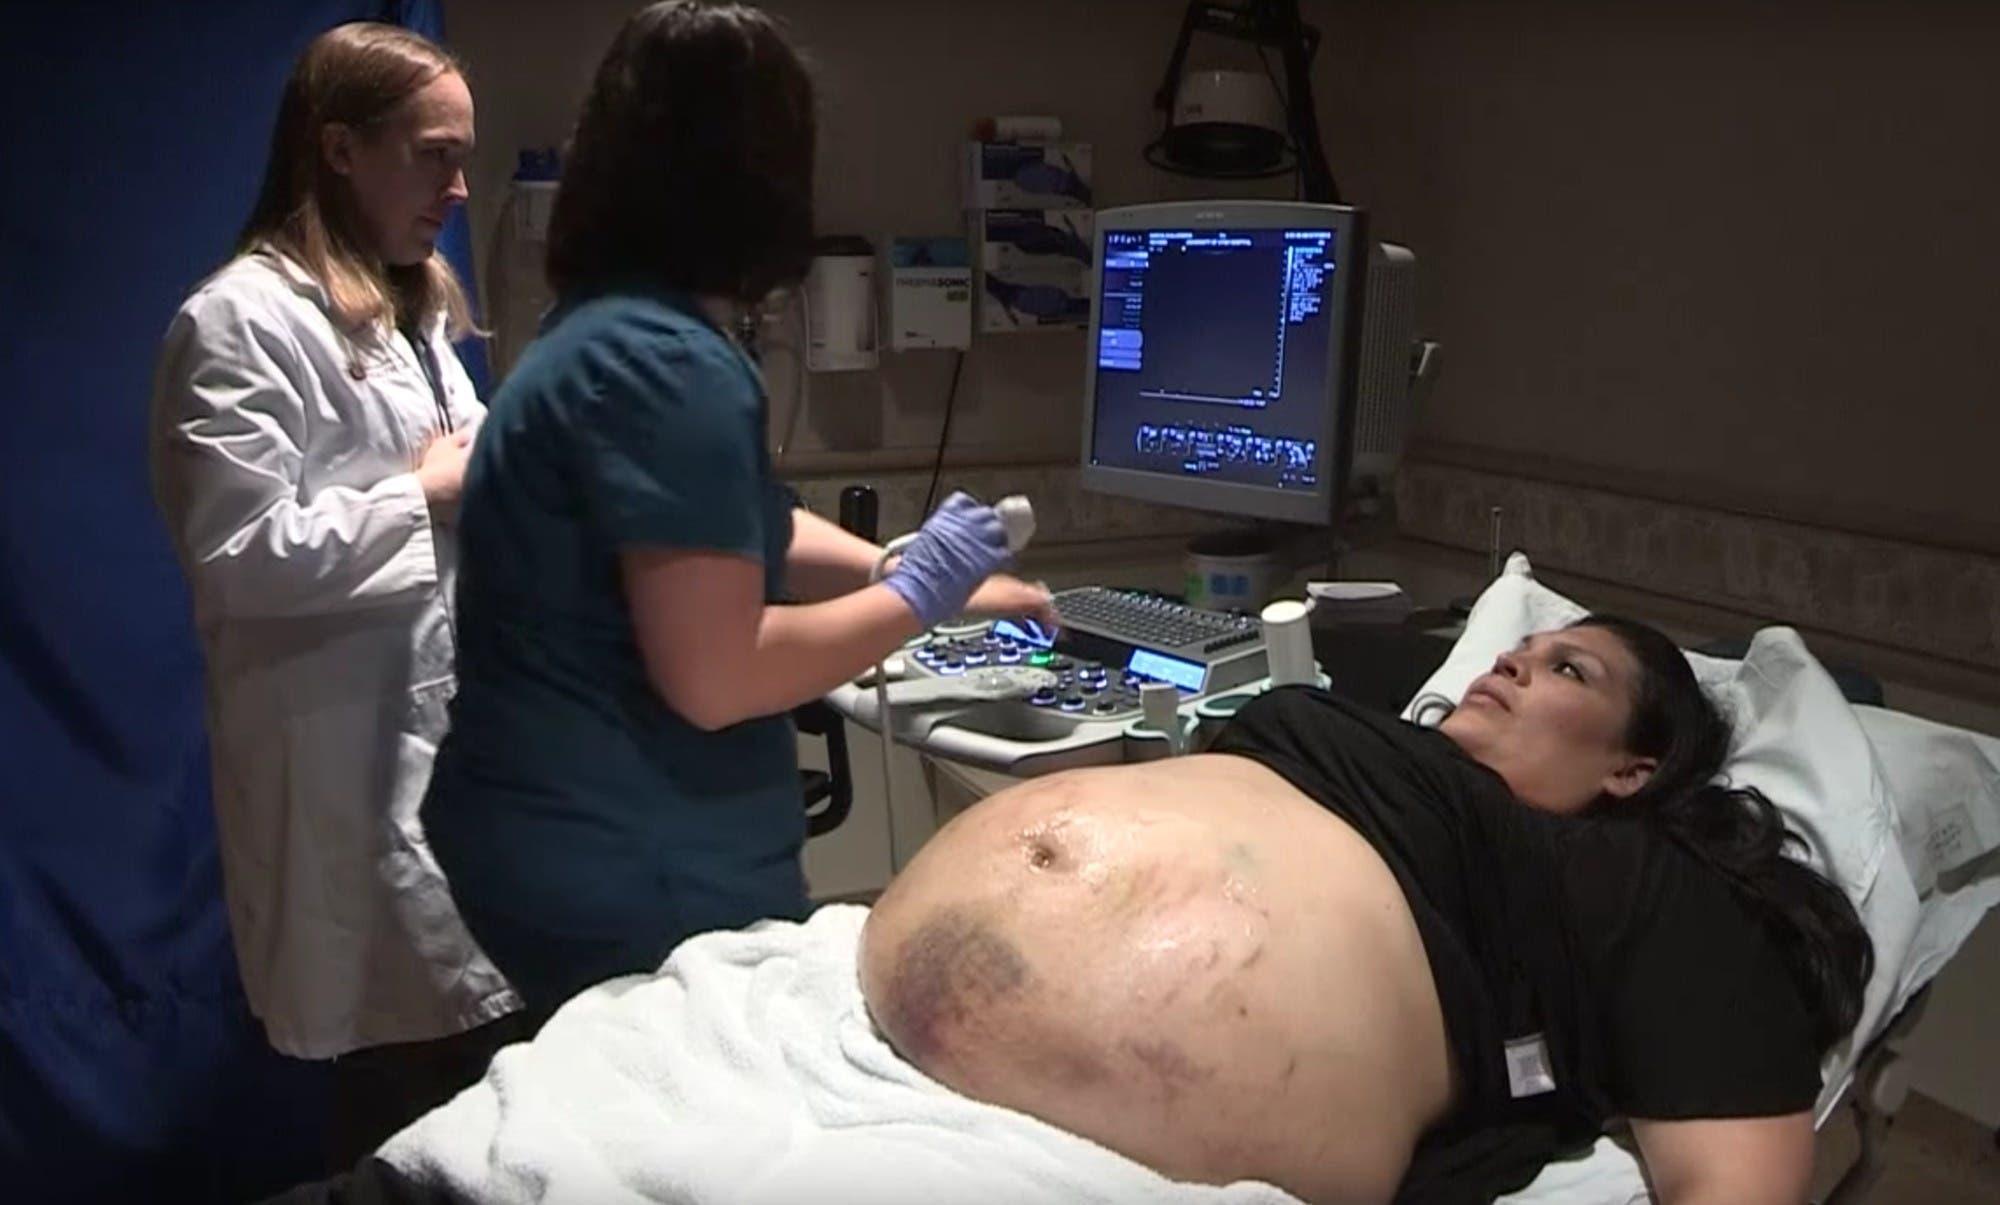 Le ventre d'une femme enceinte est couvert de bleus - l ...